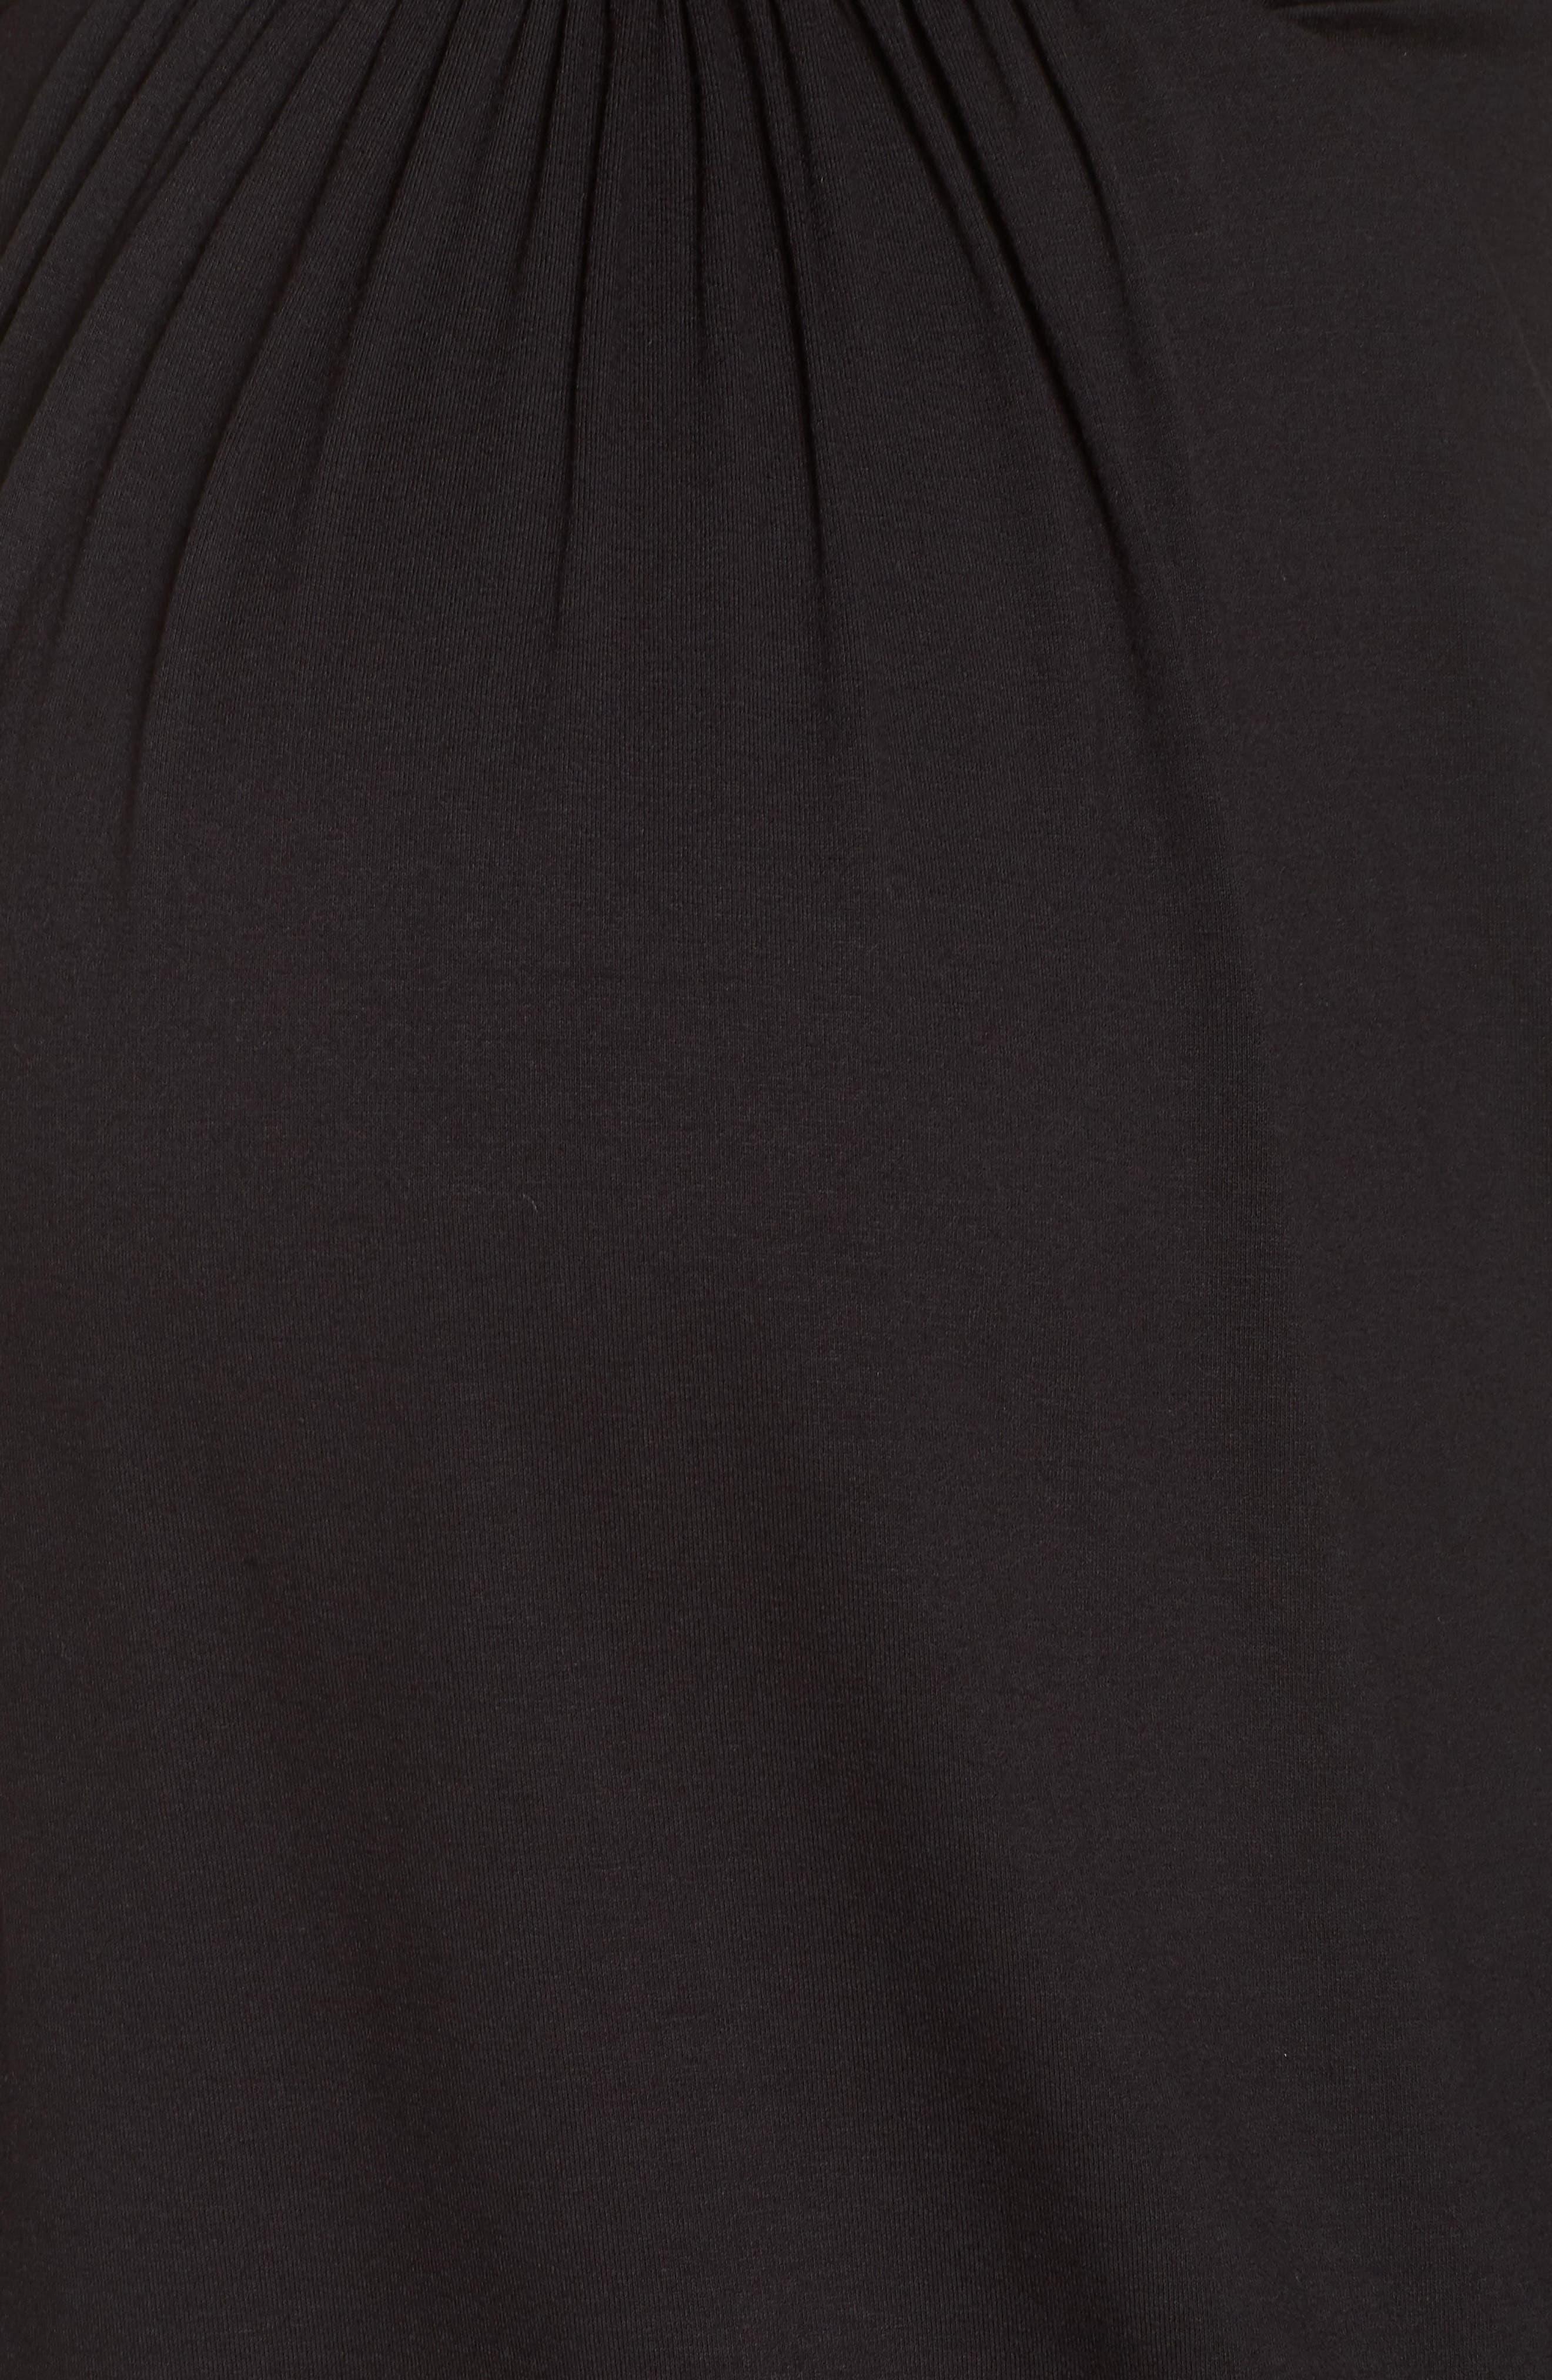 Lace Trim Maternity/Nursing Chemise,                             Alternate thumbnail 5, color,                             BLACK/ PEARL